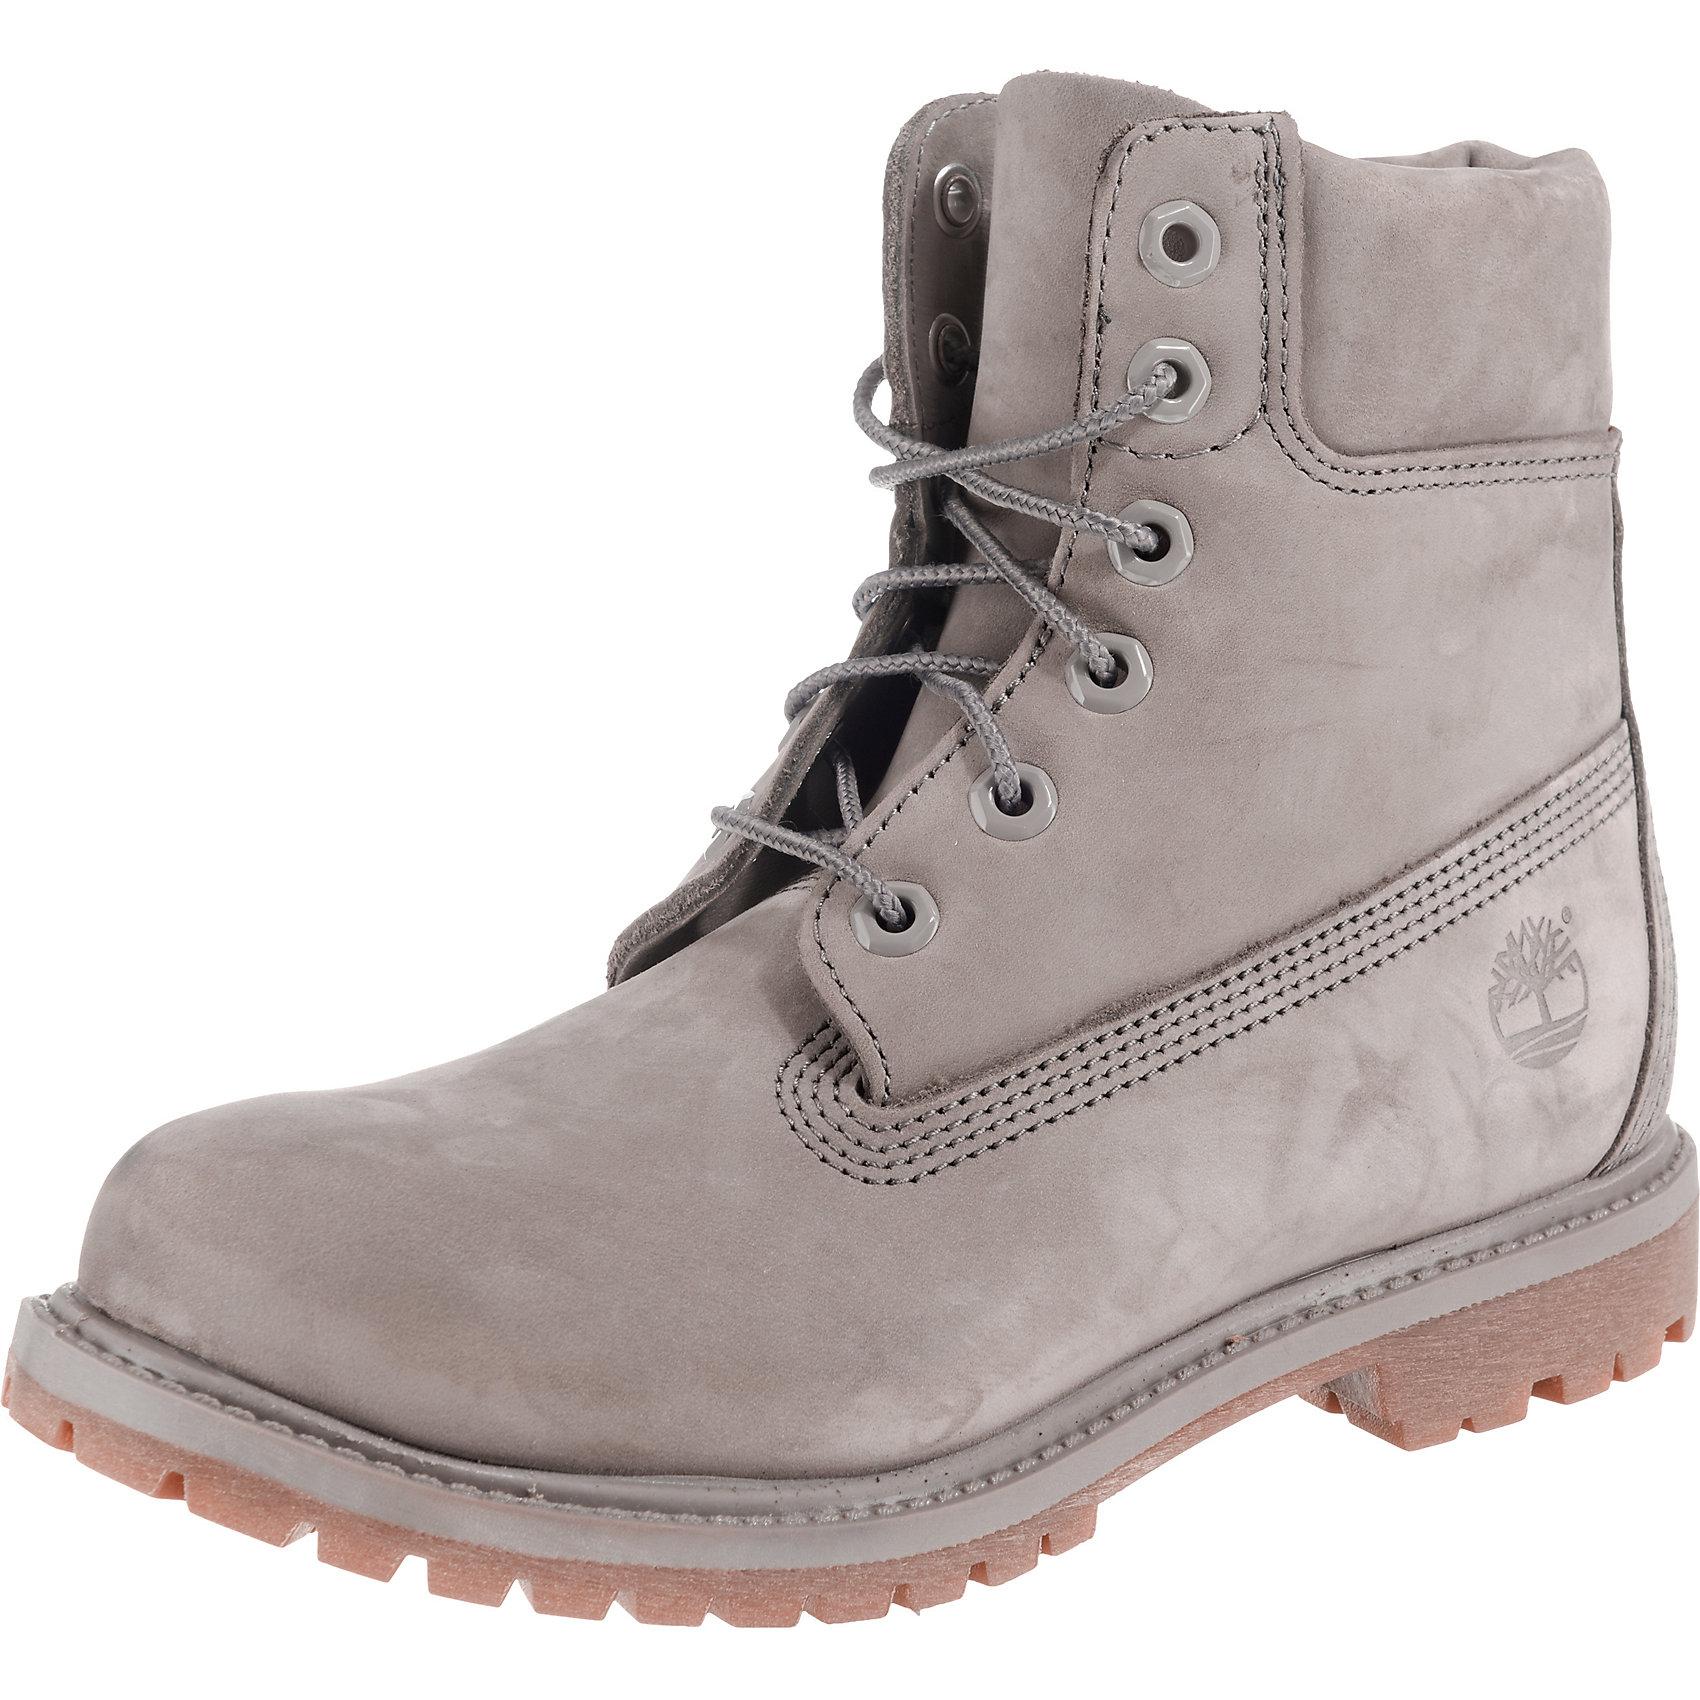 Neu Timberland 6In Premium Stiefel Stiefeletten 5780612 für Damen grau grau grau   dec772